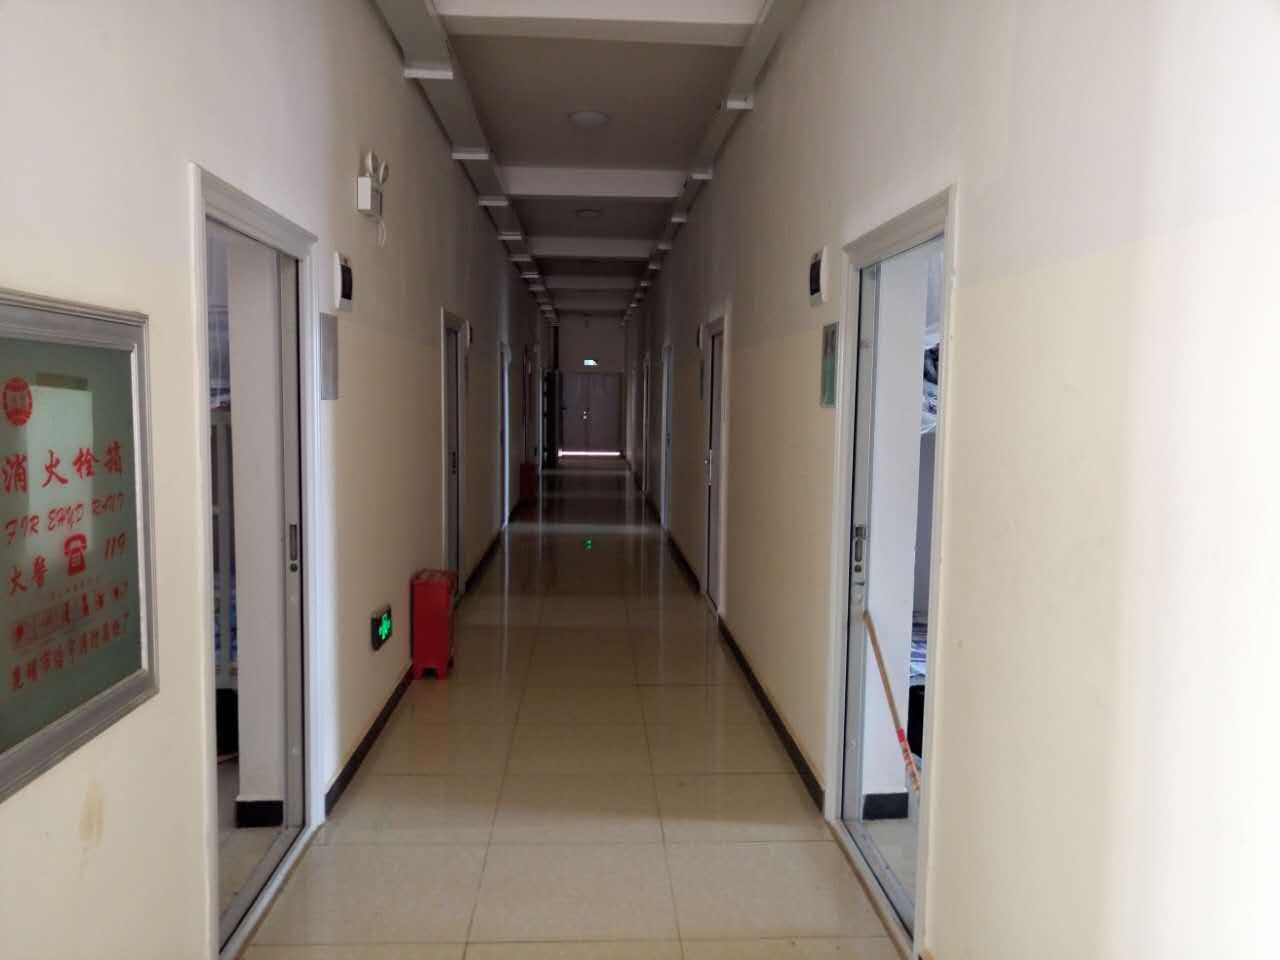 云南高考复读学校宿舍楼